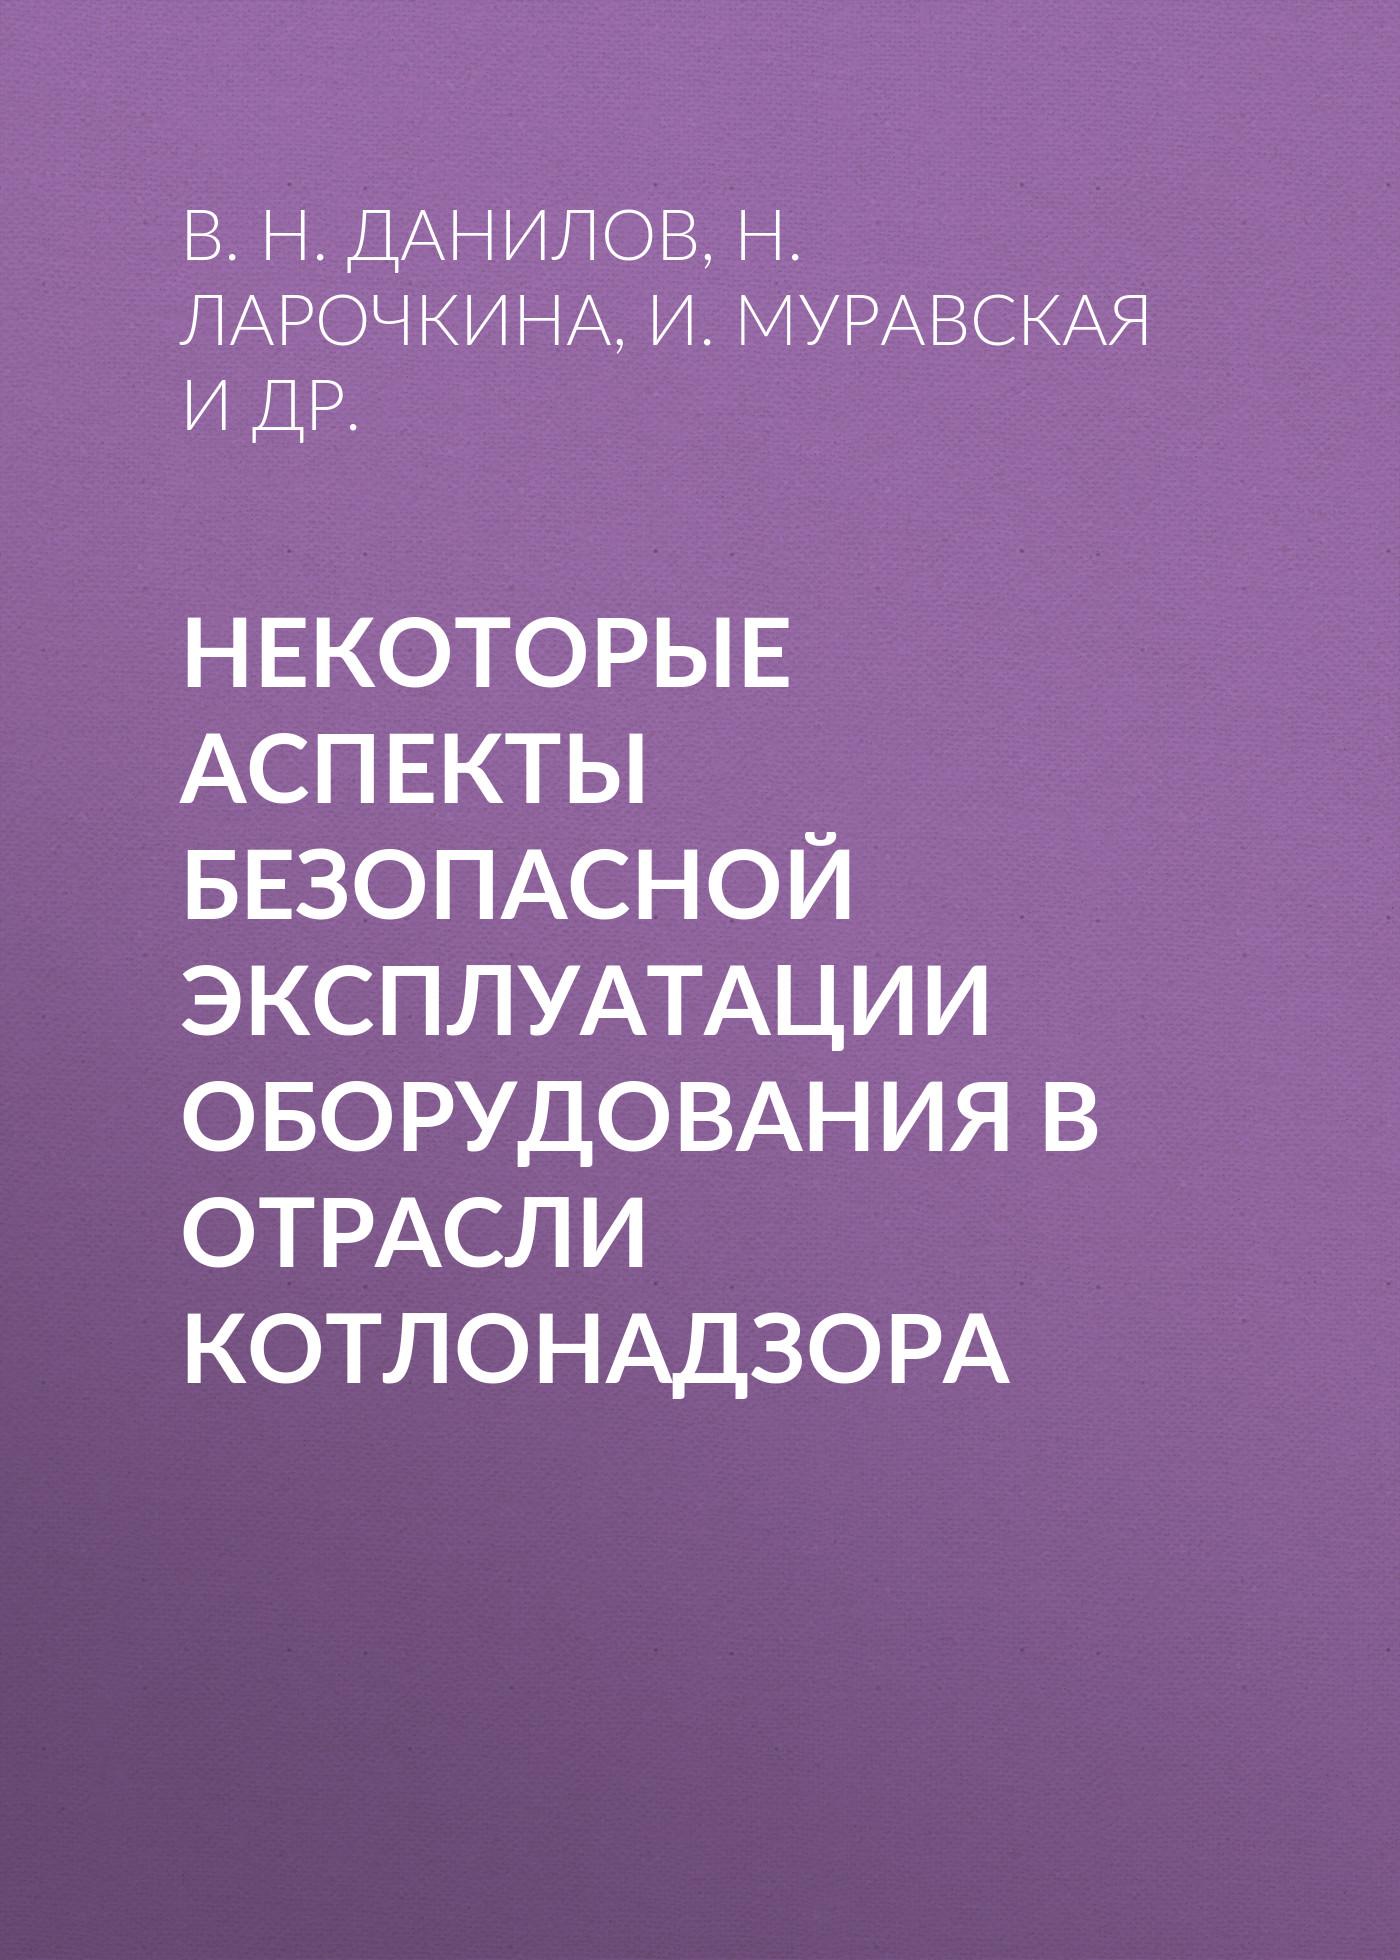 В. Н. Данилов Некоторые аспекты безопасной эксплуатации оборудования в отрасли котлонадзора